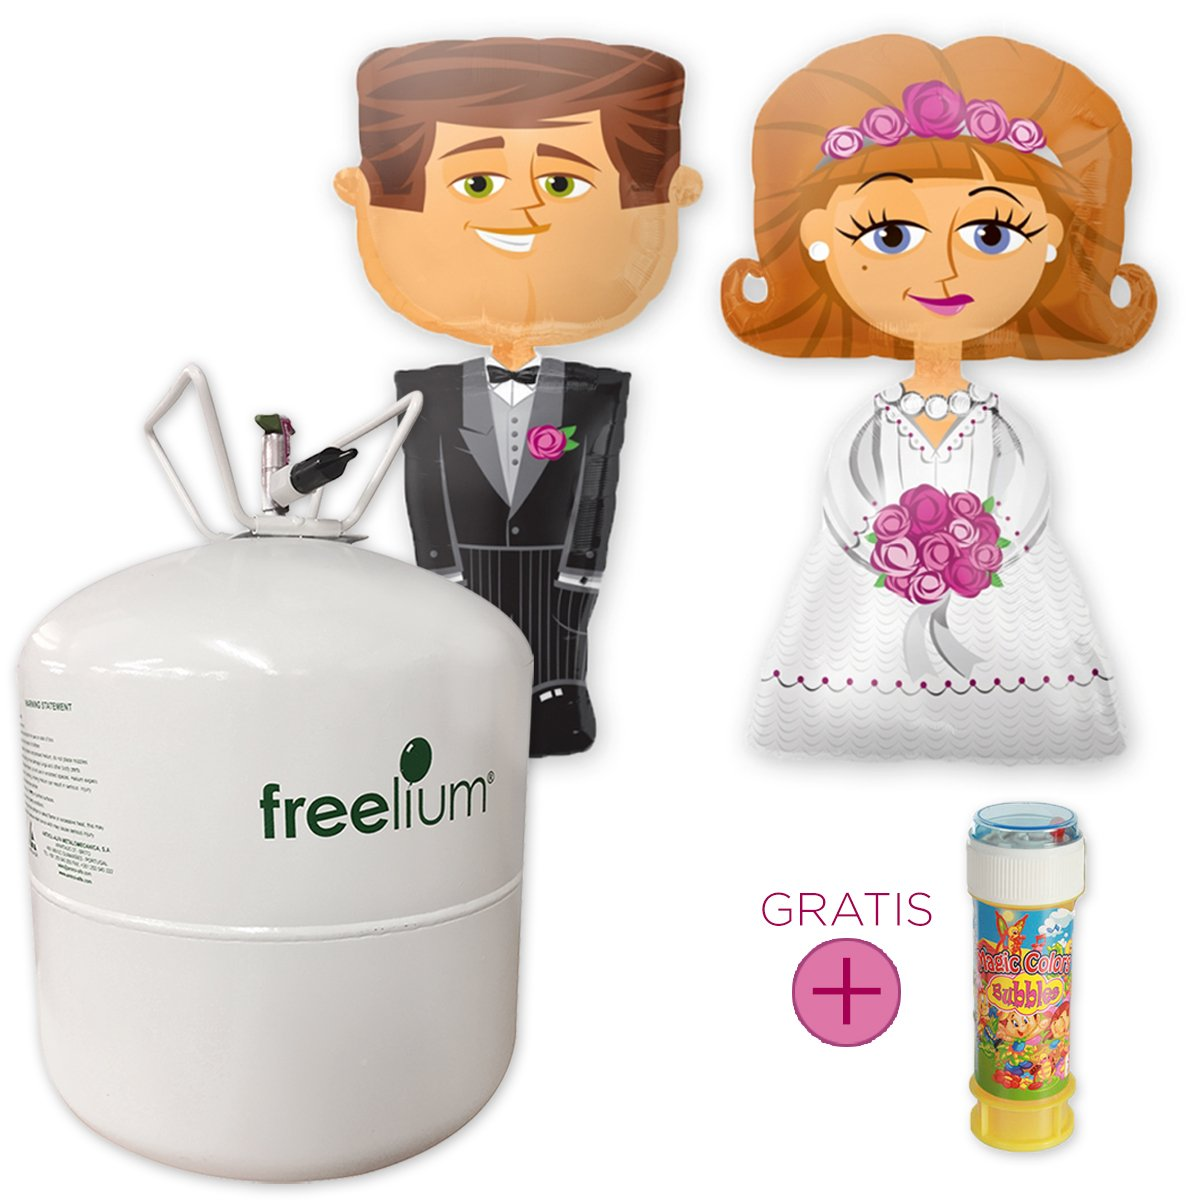 Hochzeits-Set: freelium® go 410 Helium Jumbo Flasche + Airwalker Brautpaar Braut & Bräutigam + GRATIS Seifenblasen